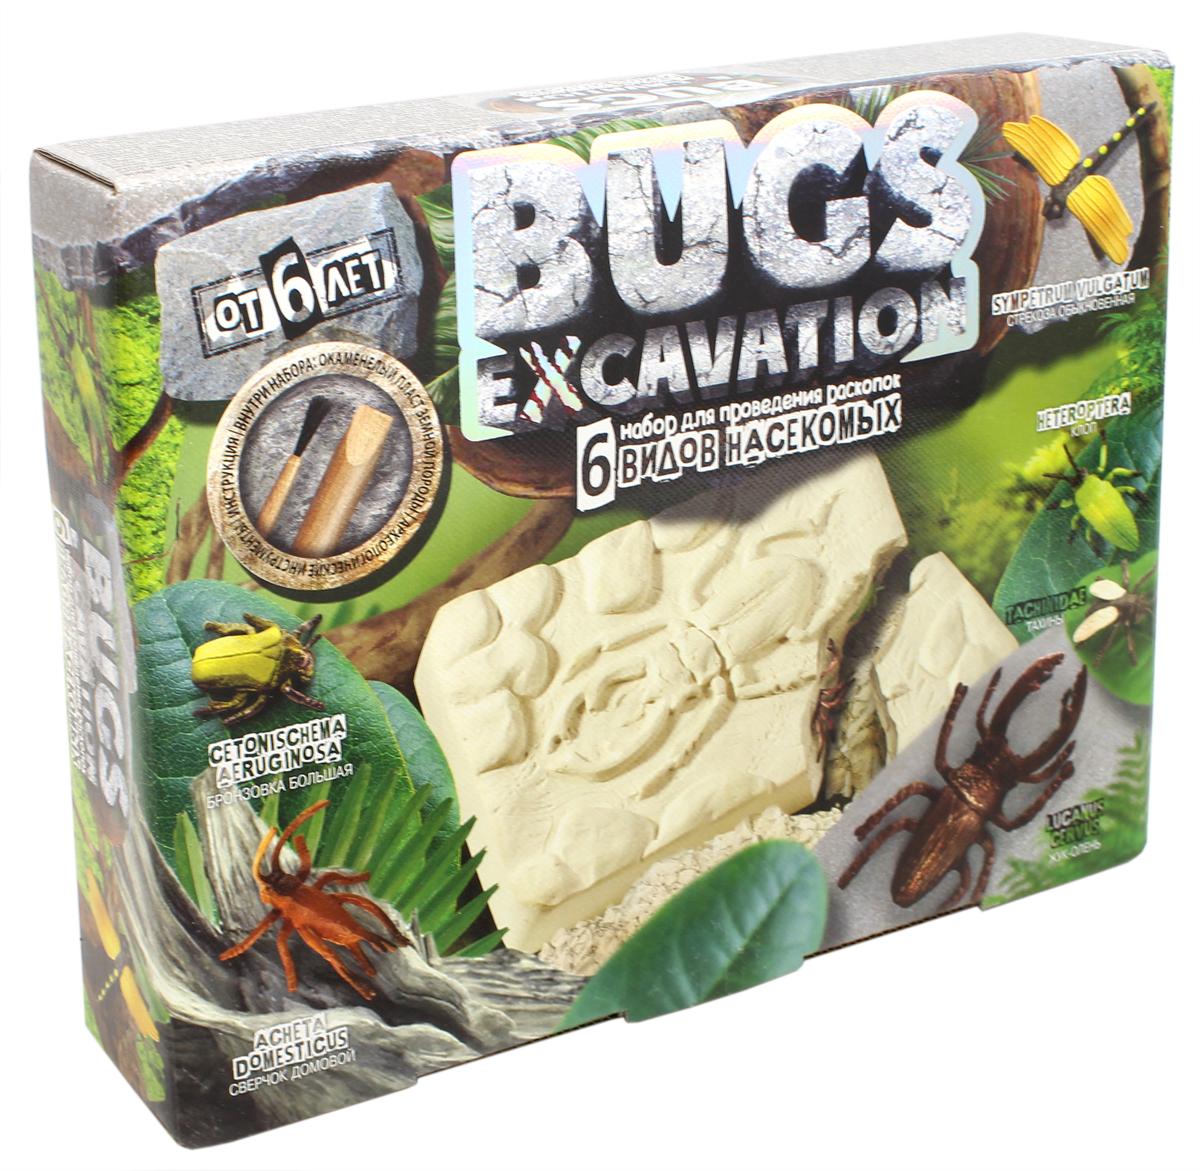 Danko Toys Набор для раскопок Bugs Excavation Жуки набор для раскопок danko toys bugs excavation жуки набор 4